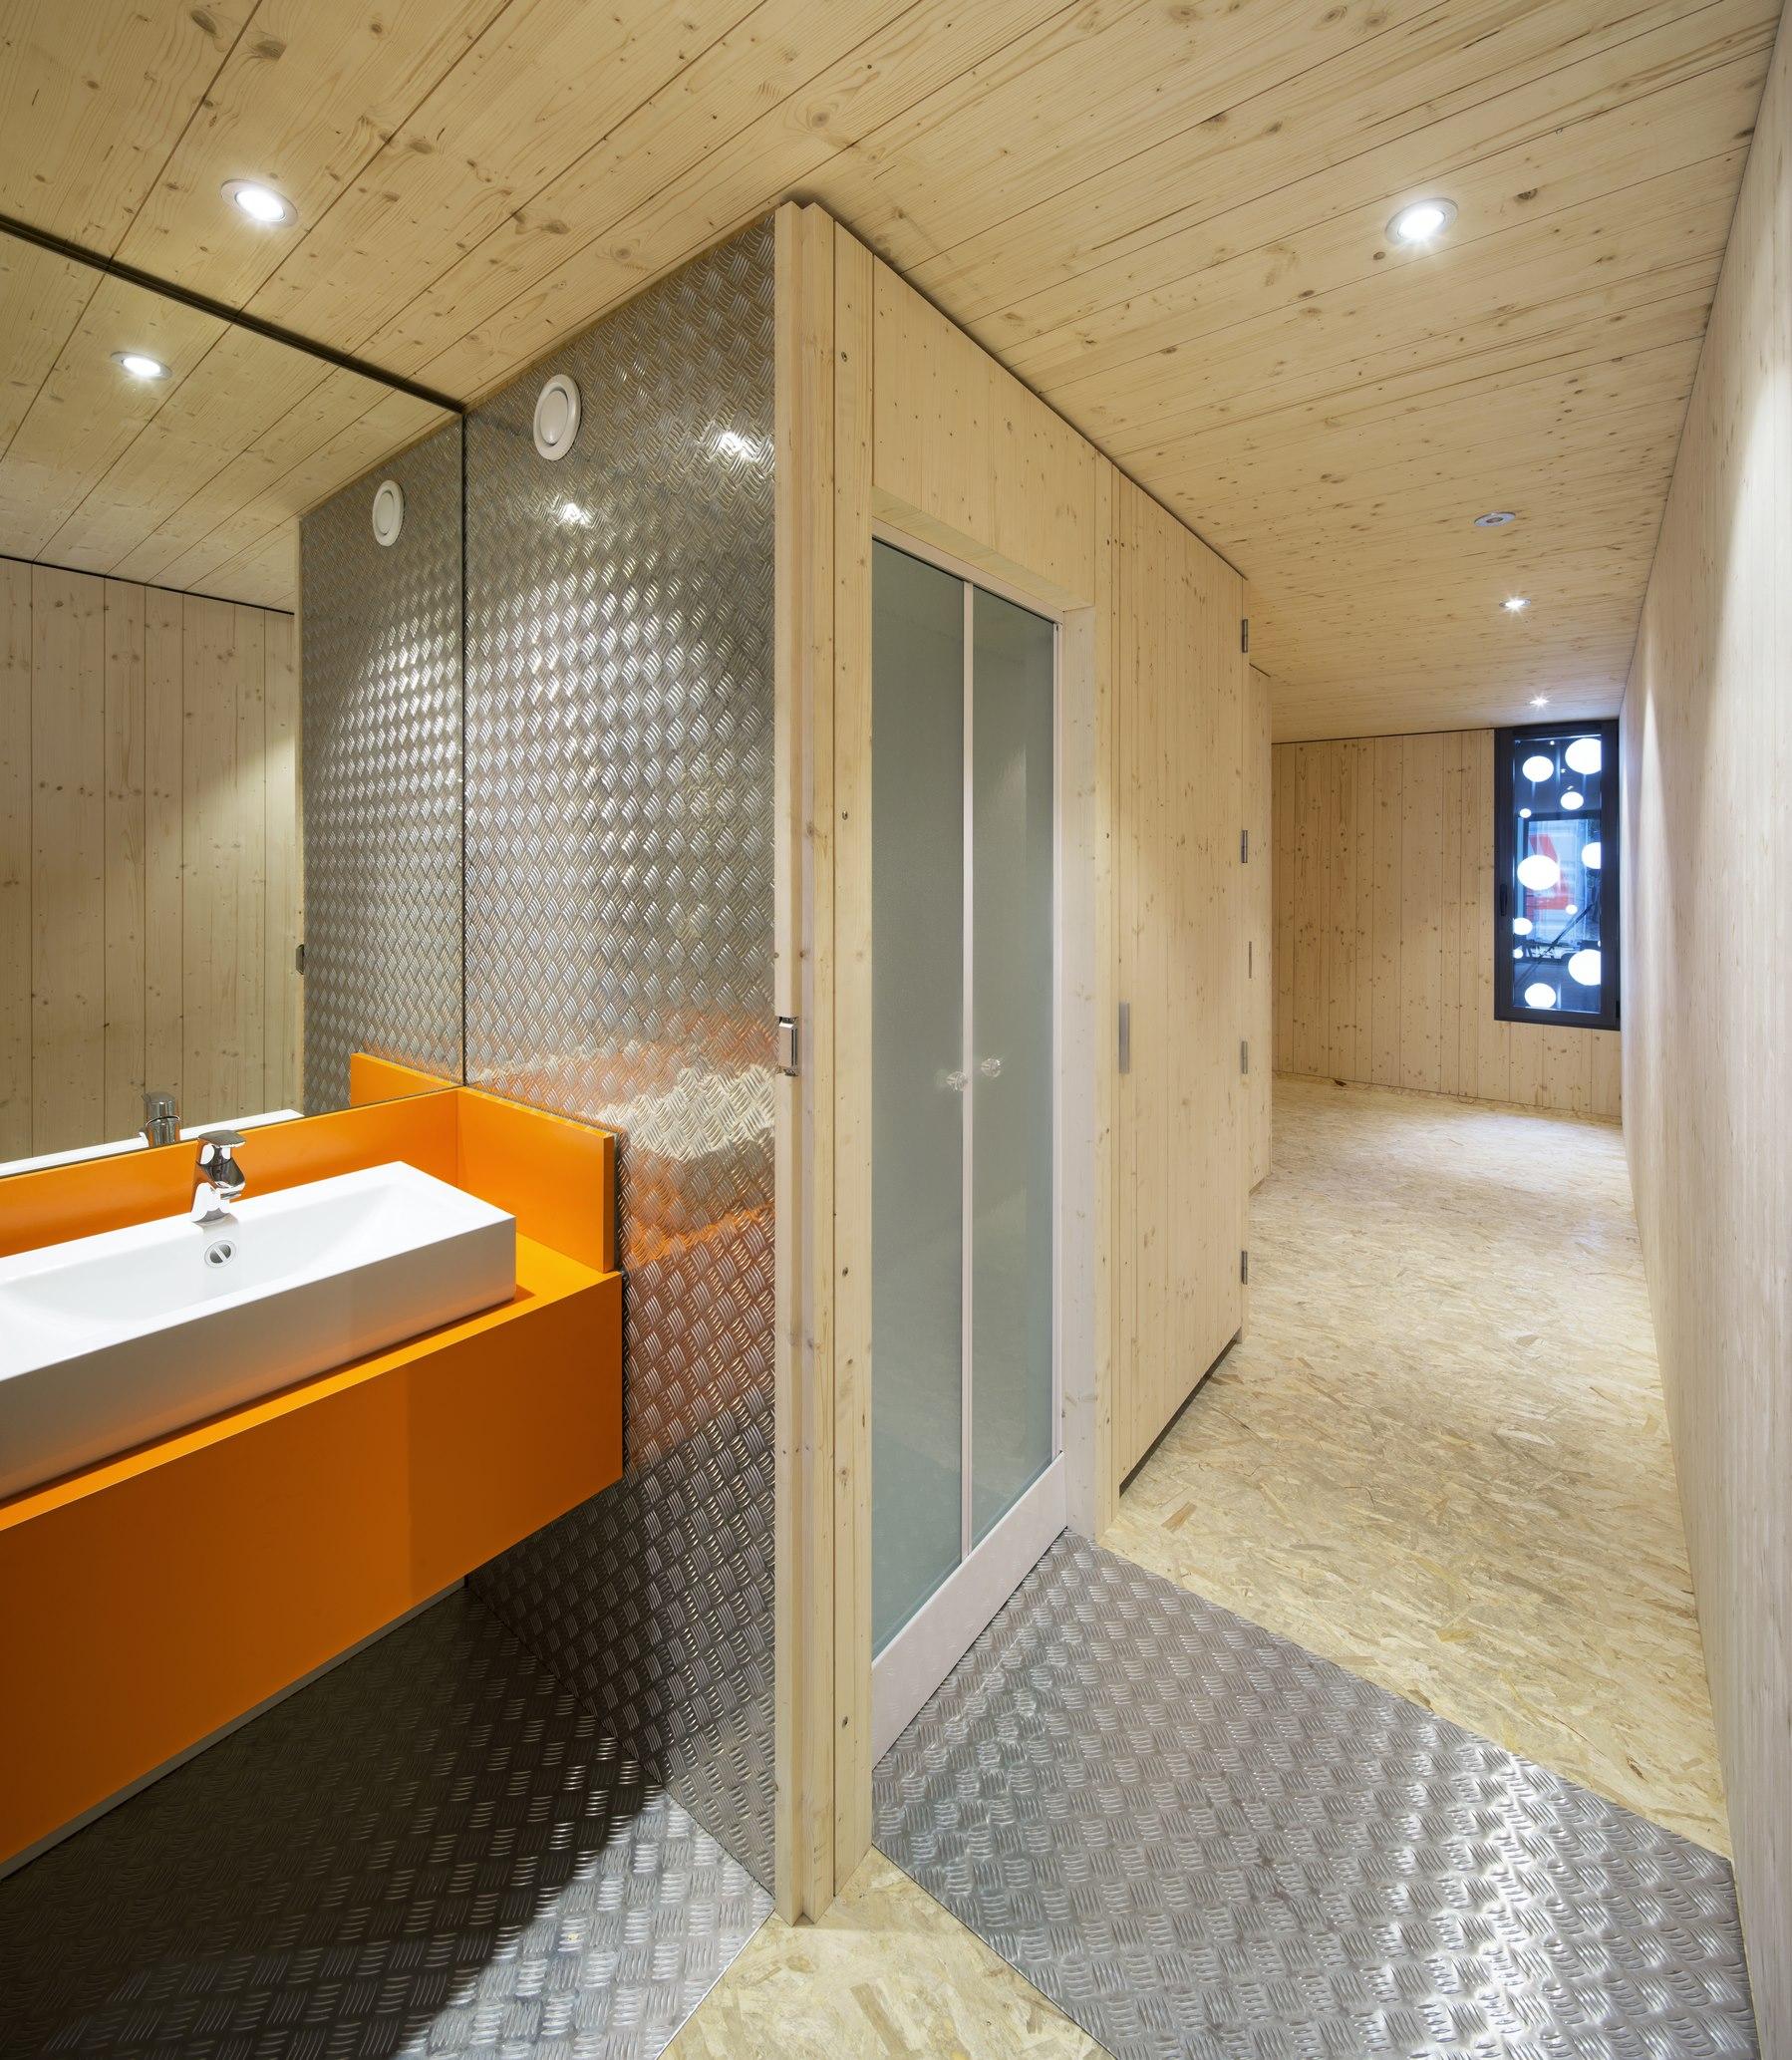 Ateliers Frappaz - Résidence artistes, containers - Villeurbanne - Z Architecture